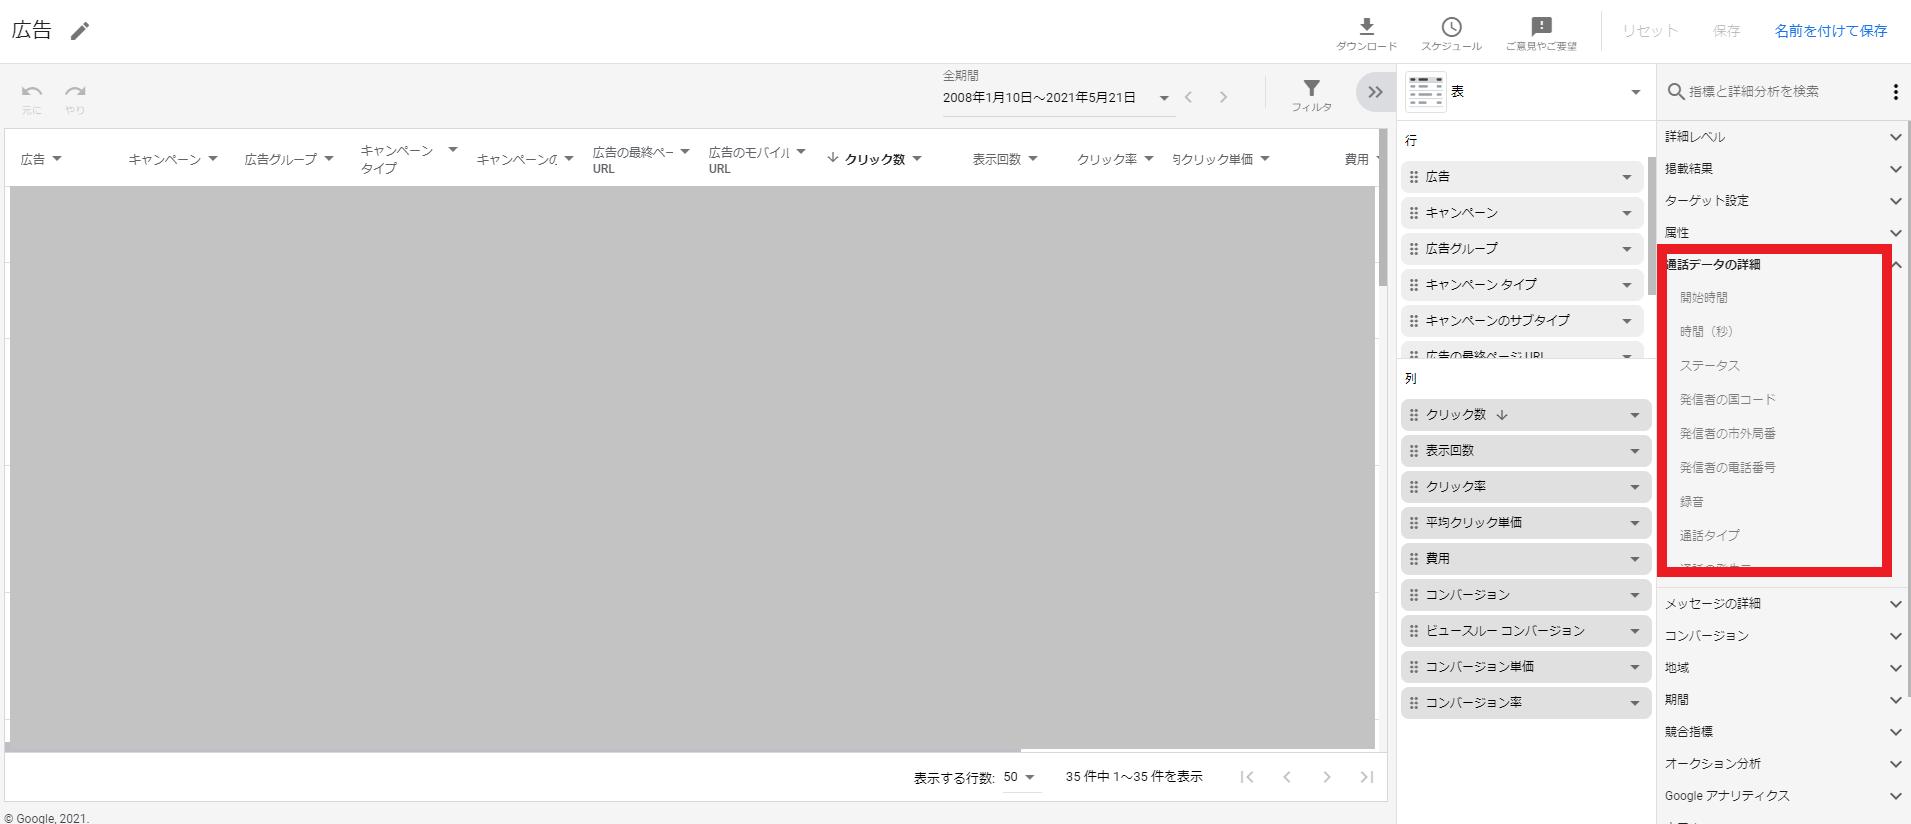 Google電話広告のレポートの通話データの詳細